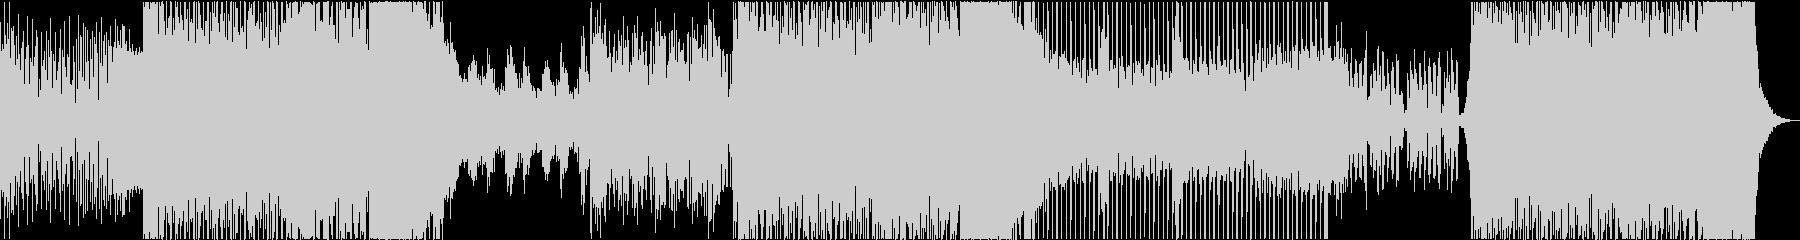 EDM 3分 動画 イメージ ピアノの未再生の波形